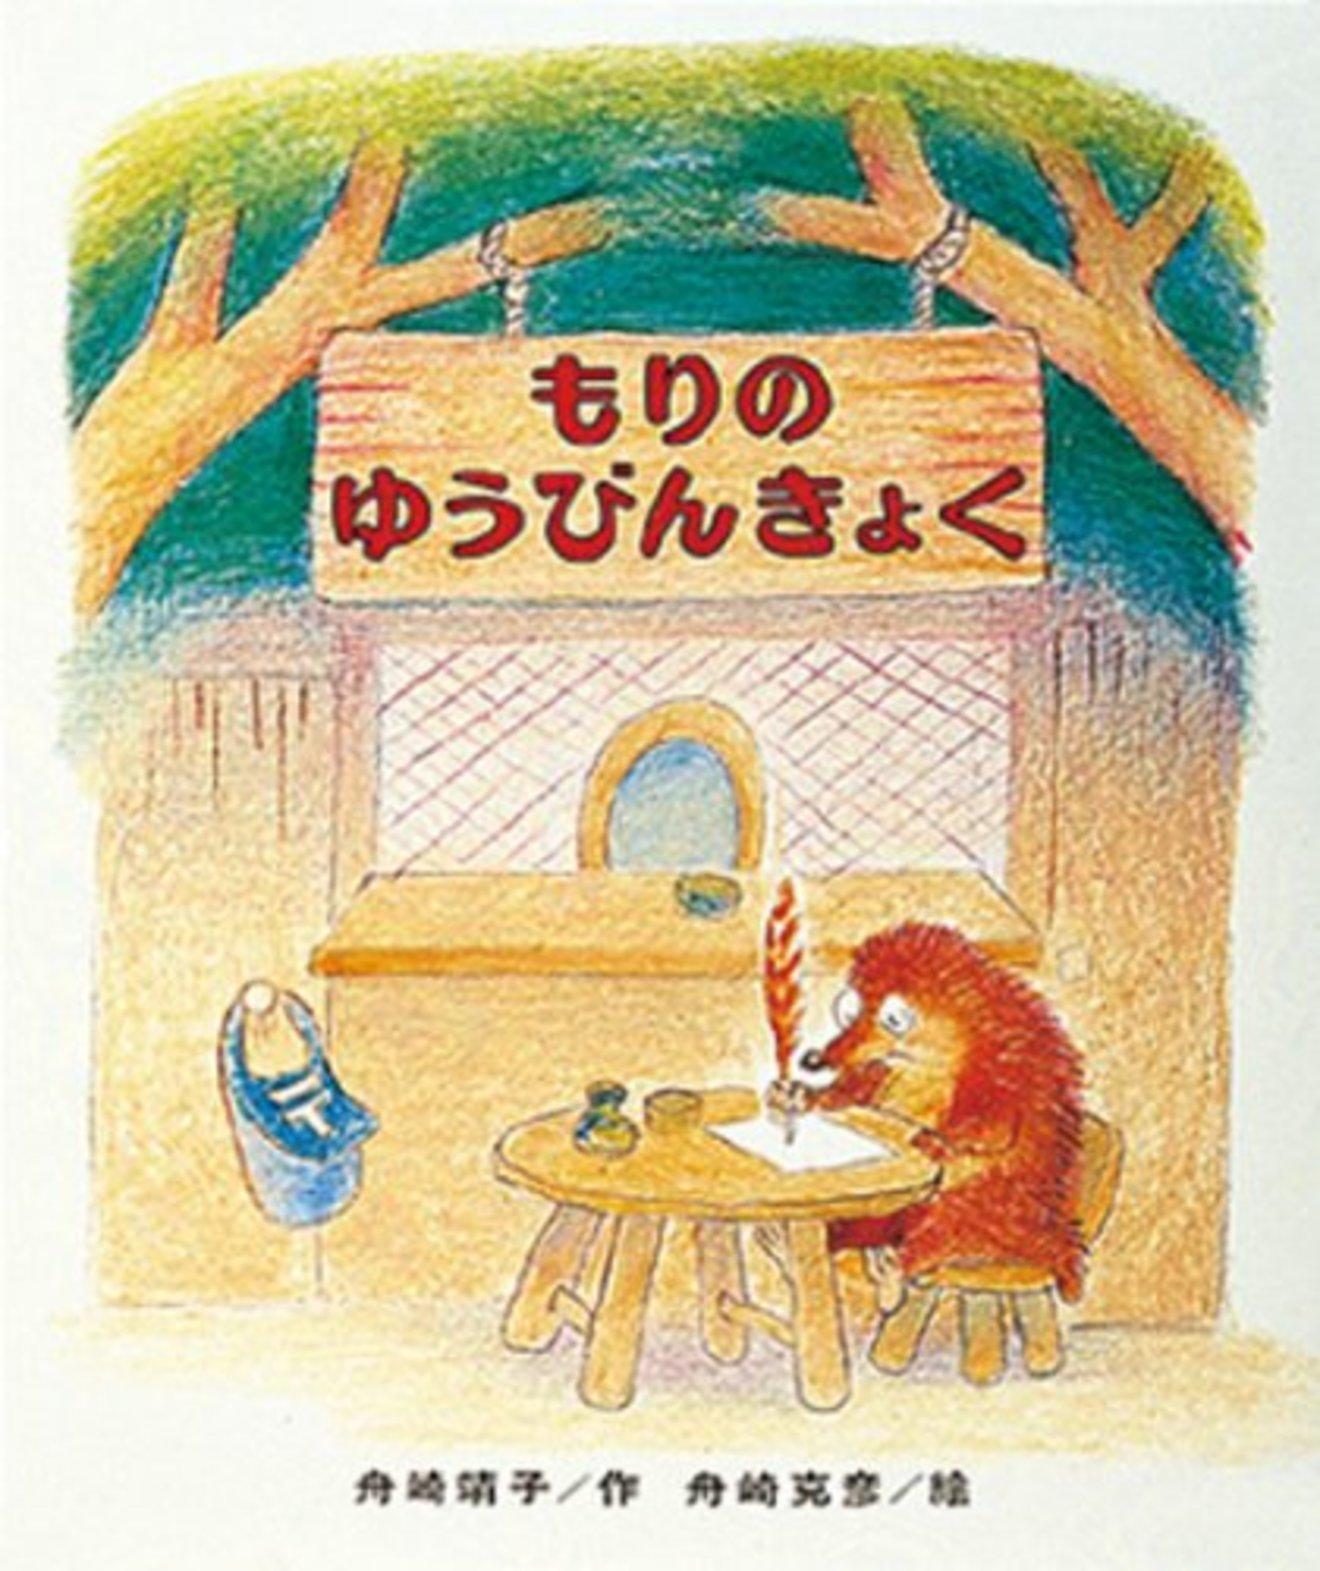 絵本「もりはおもしろランド」シリーズから、人気作の内容を厳選して紹介!